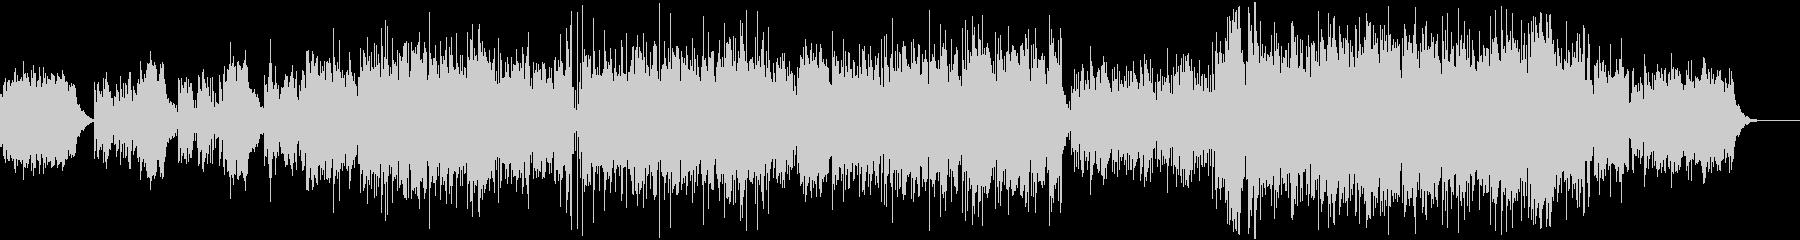 ソロギターによるバラードの未再生の波形